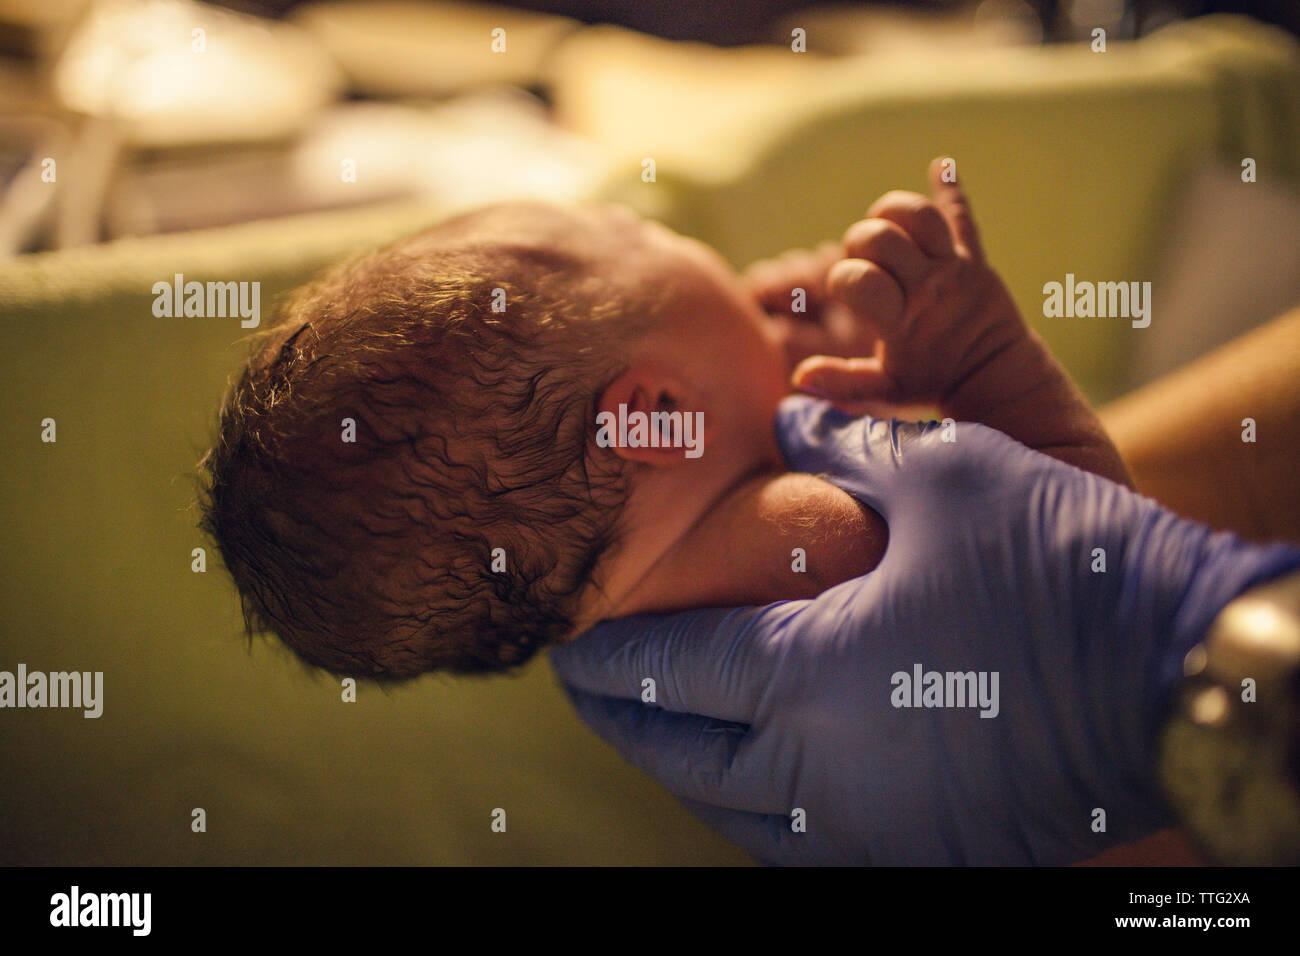 Manos recortada del pediatra llevar bebé recién nacido en el hospital Foto de stock